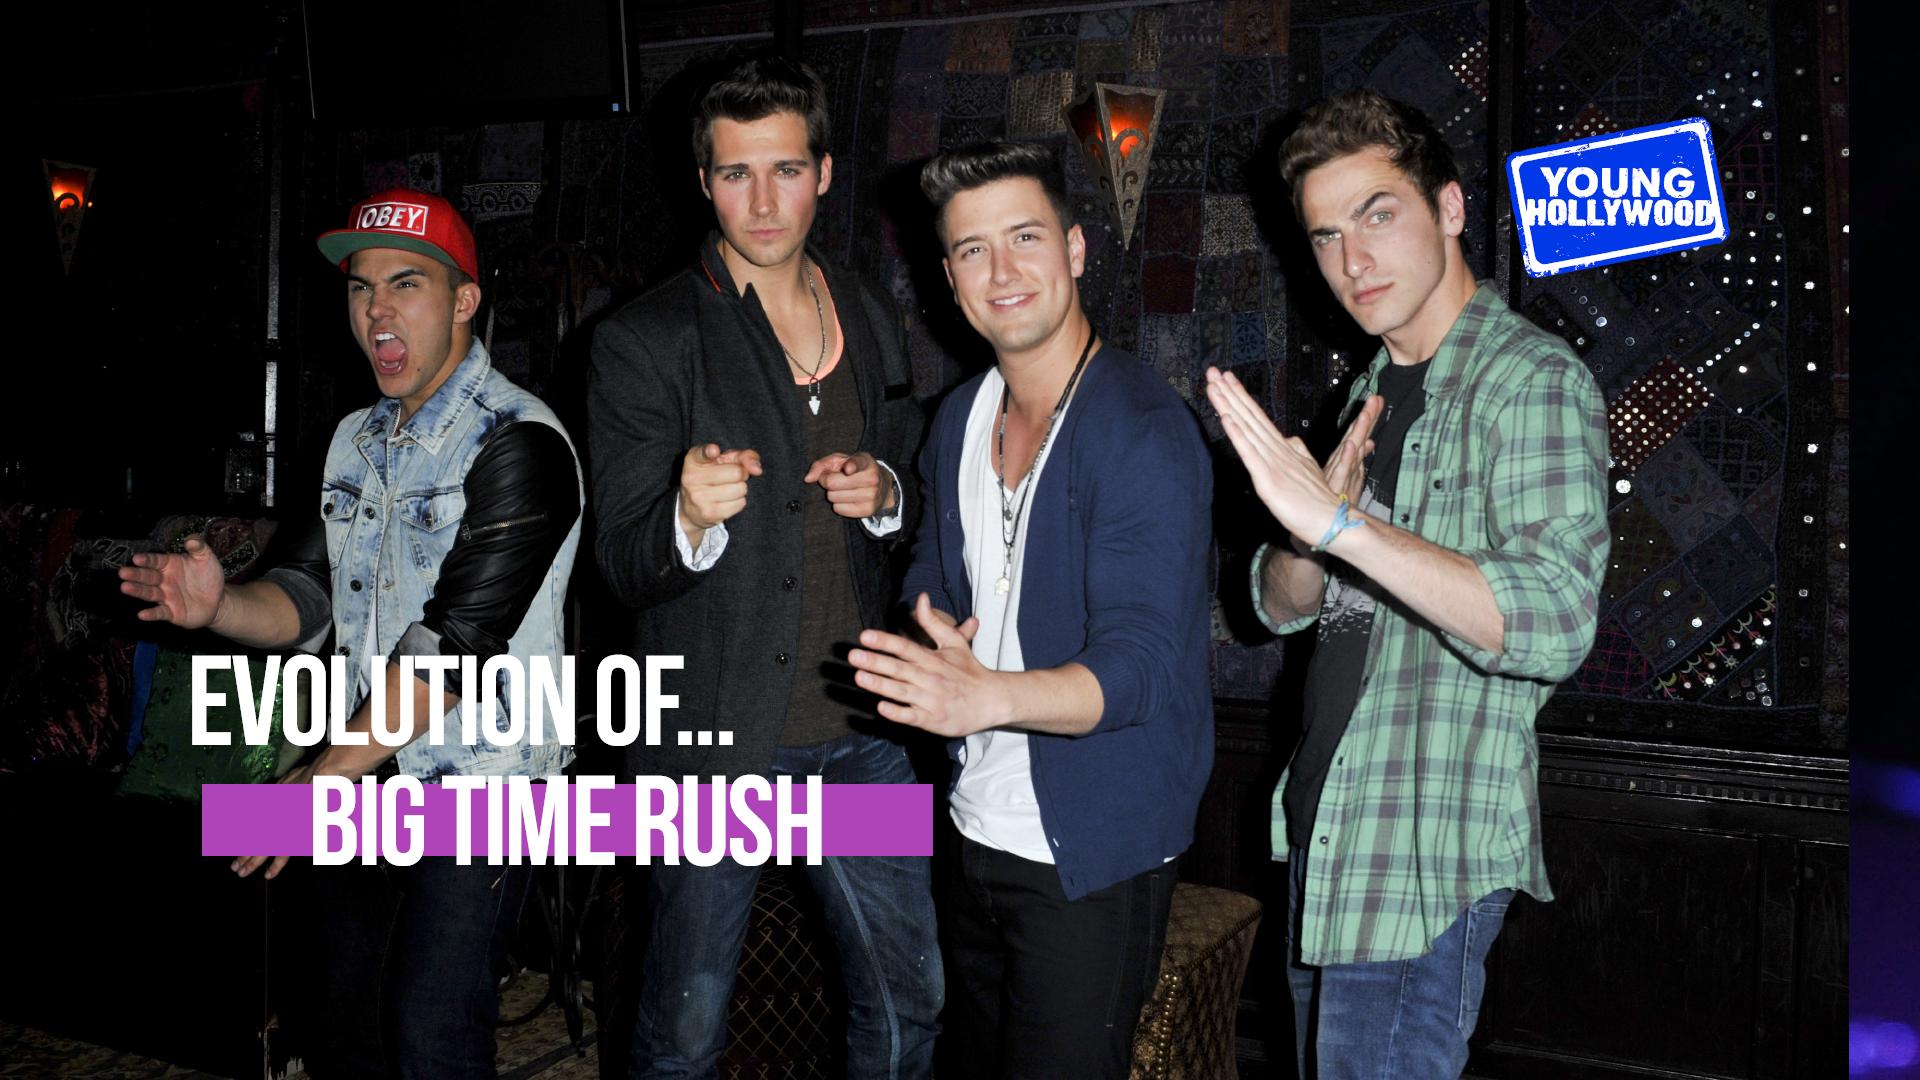 Evolution Of: Big Time Rush